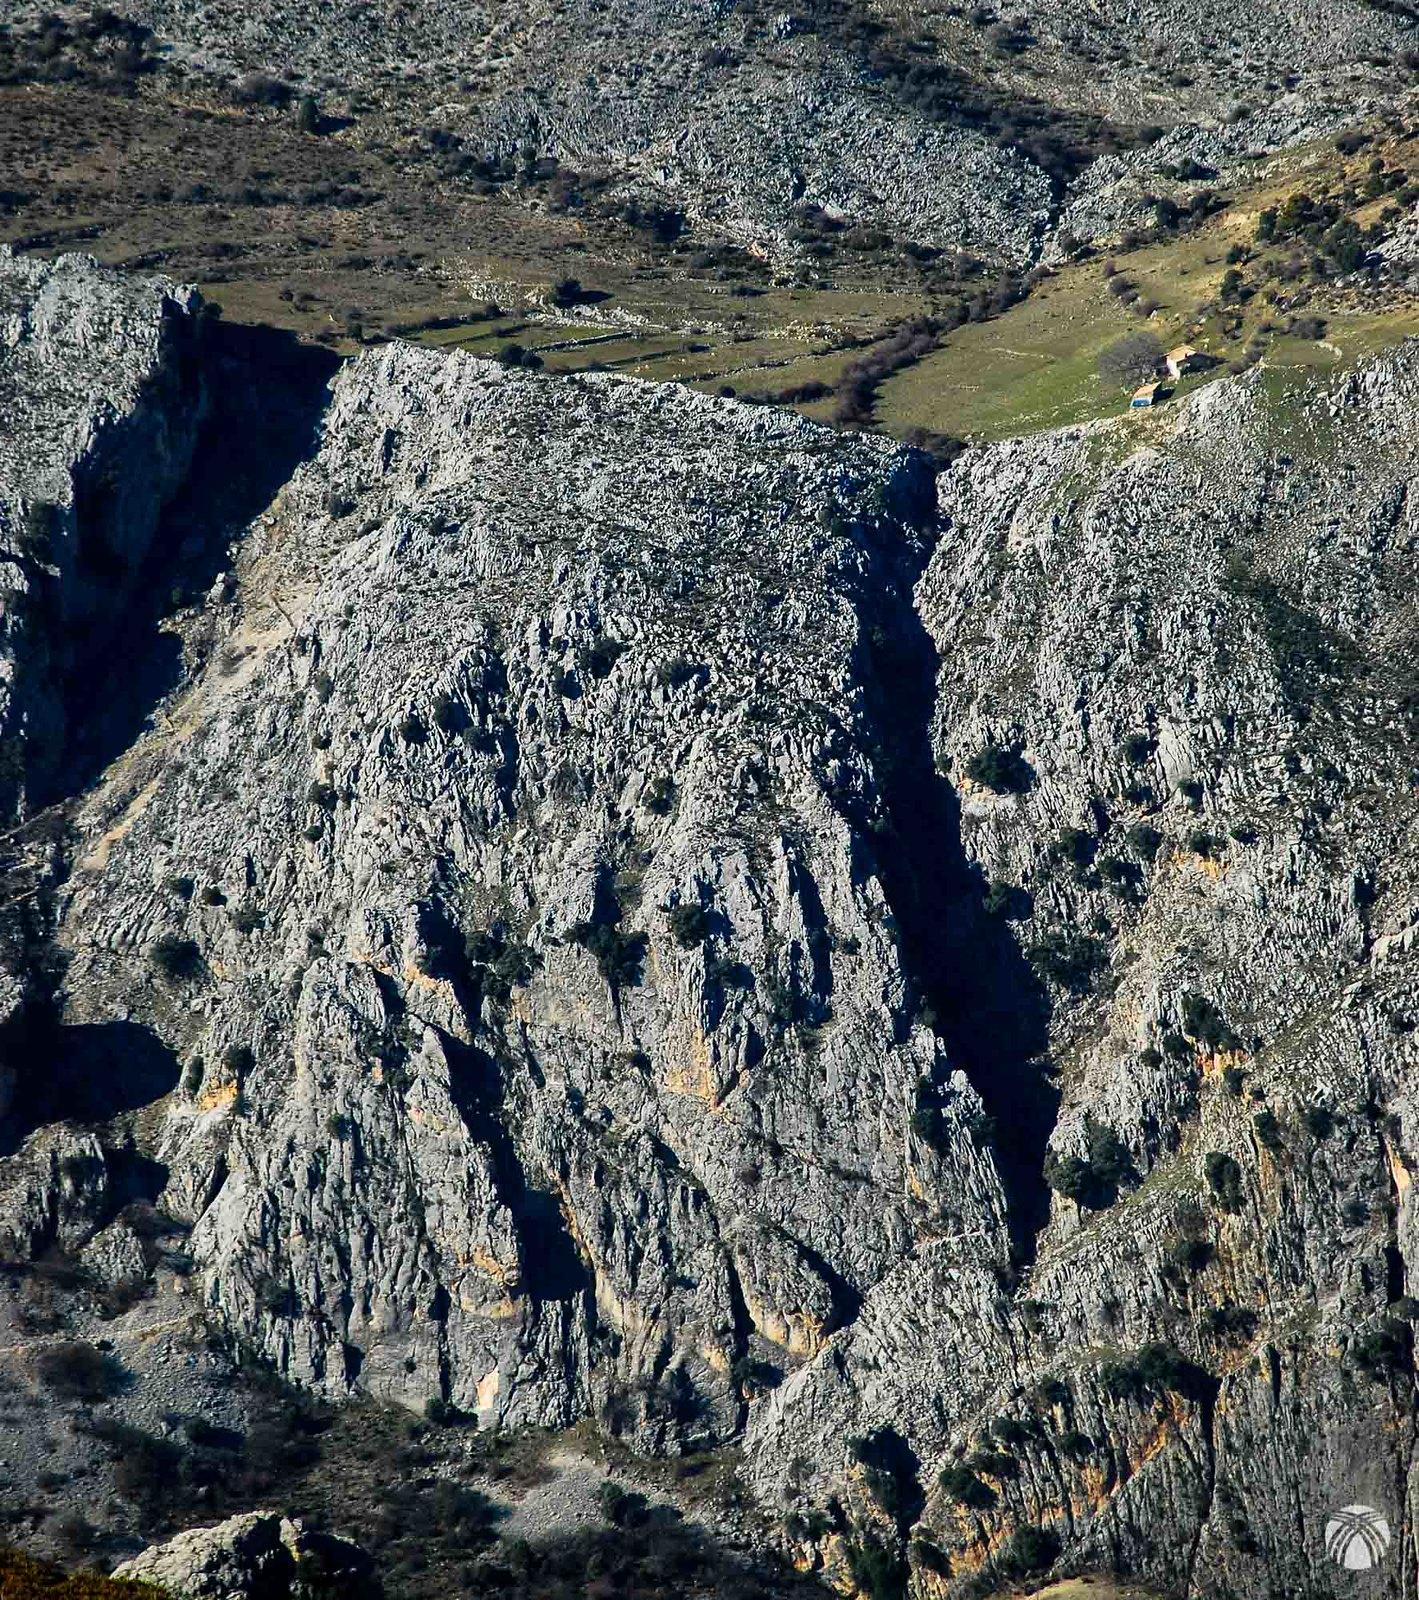 El cortijo de la Puerca colgado de la montaña